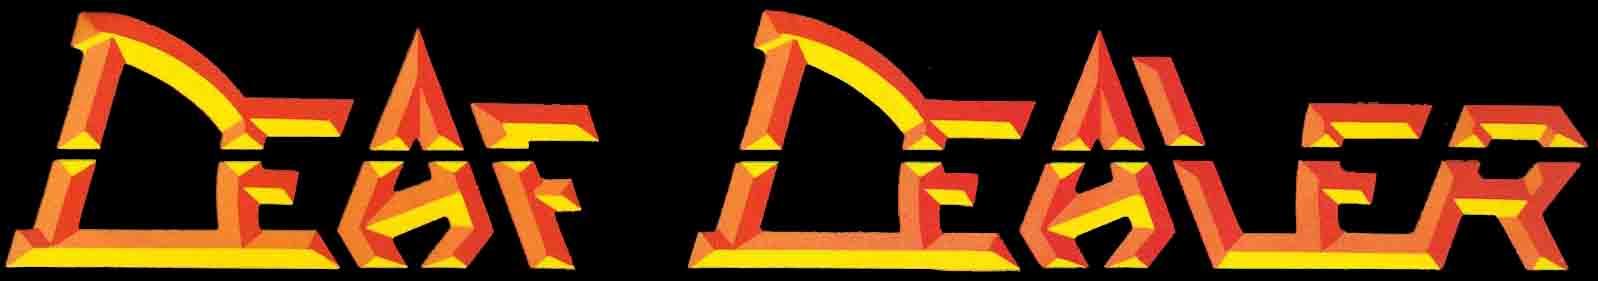 Deaf Dealer - Logo